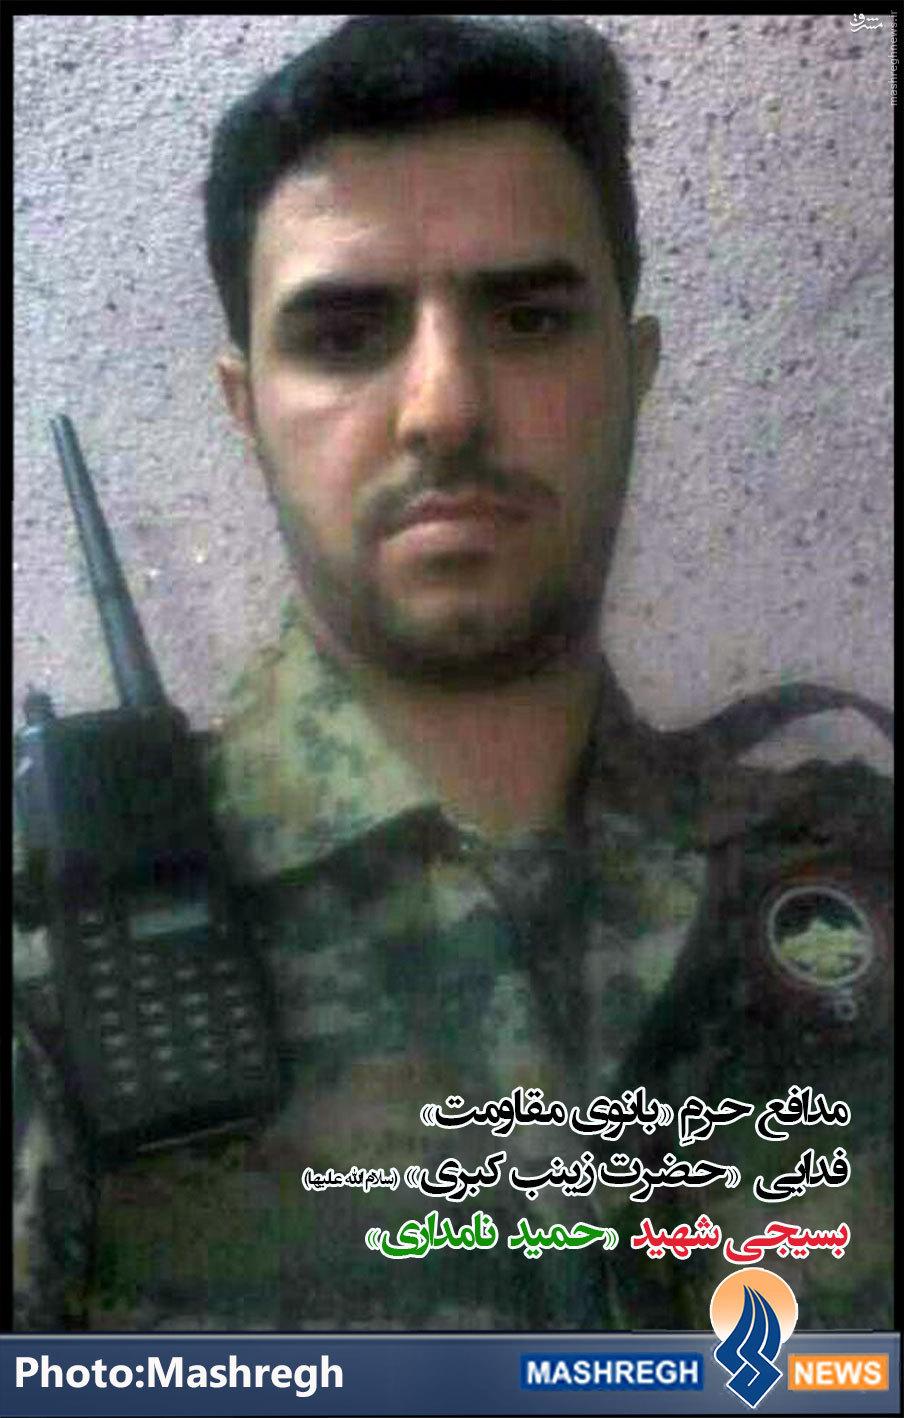 شهدای «عملیات محرم» با «نامداری» به 45 نفر رسید+تصاویر